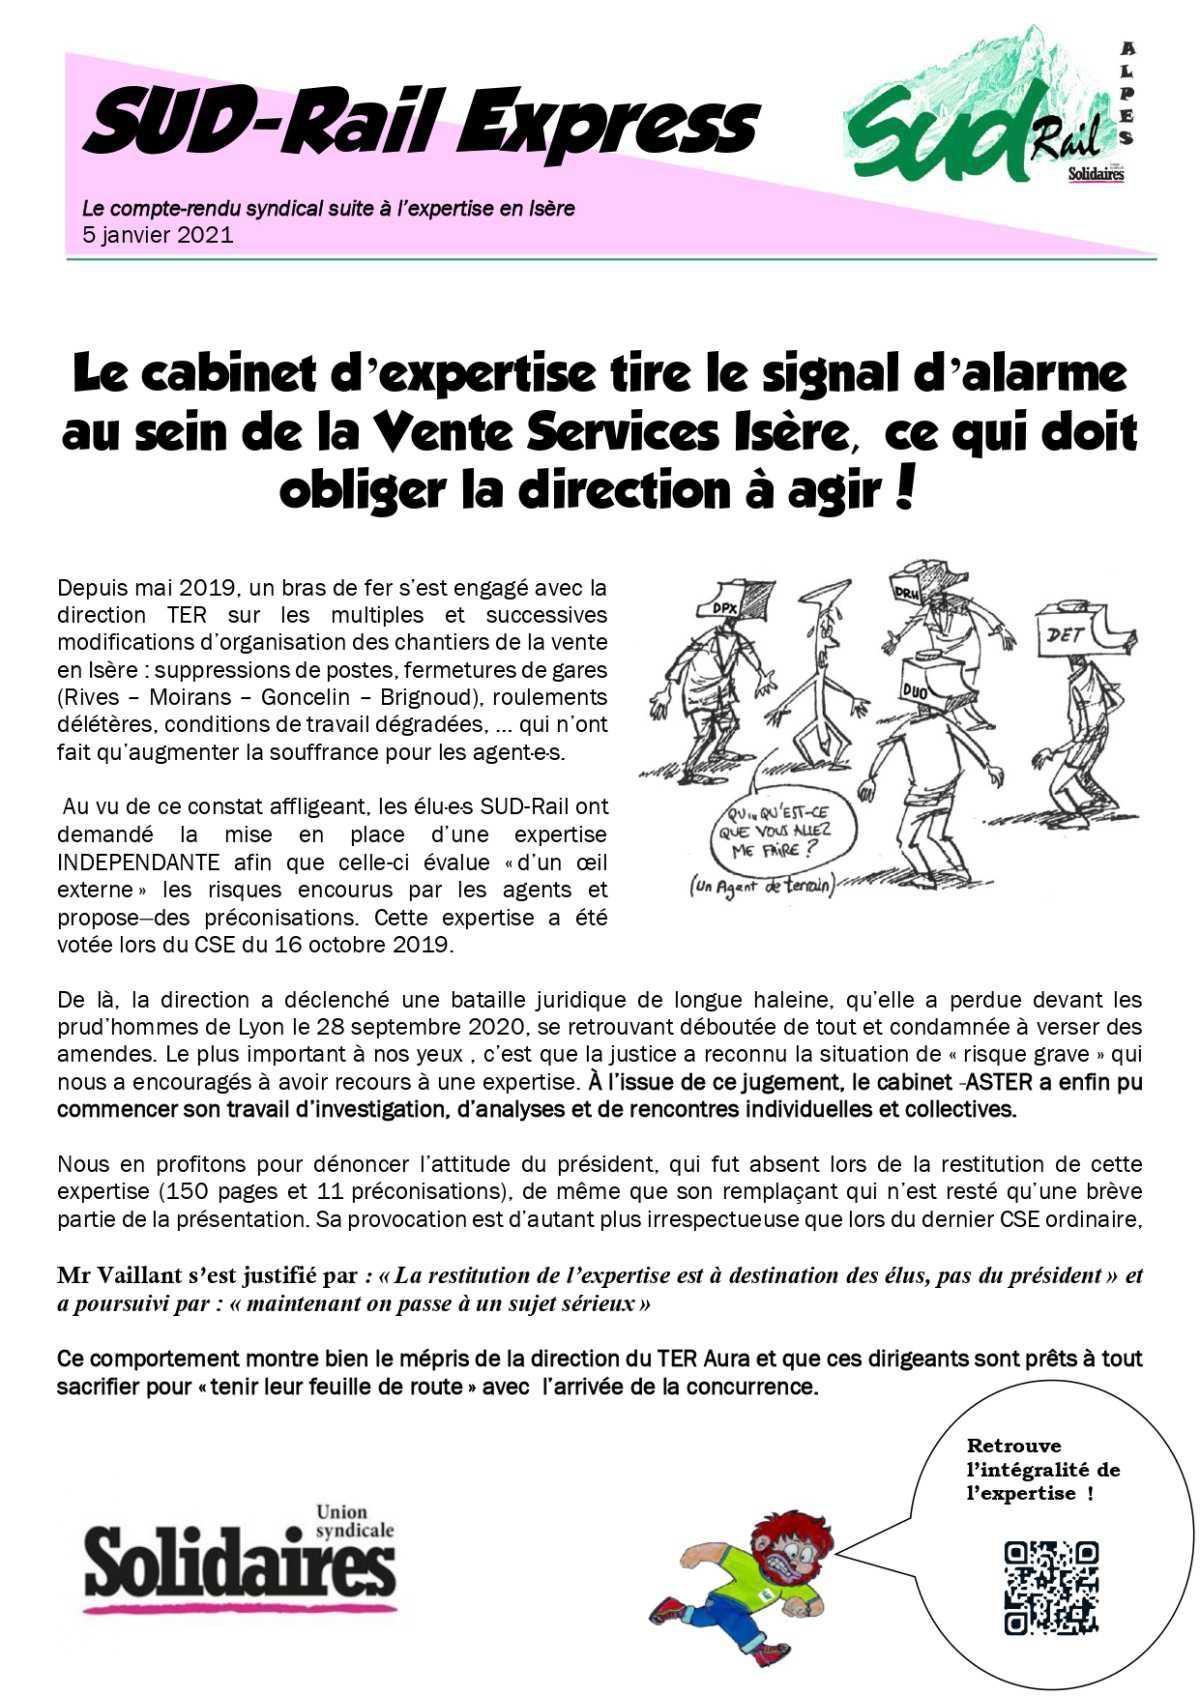 Compte Rendu d'Expertise au sein de la Vente Services Isère